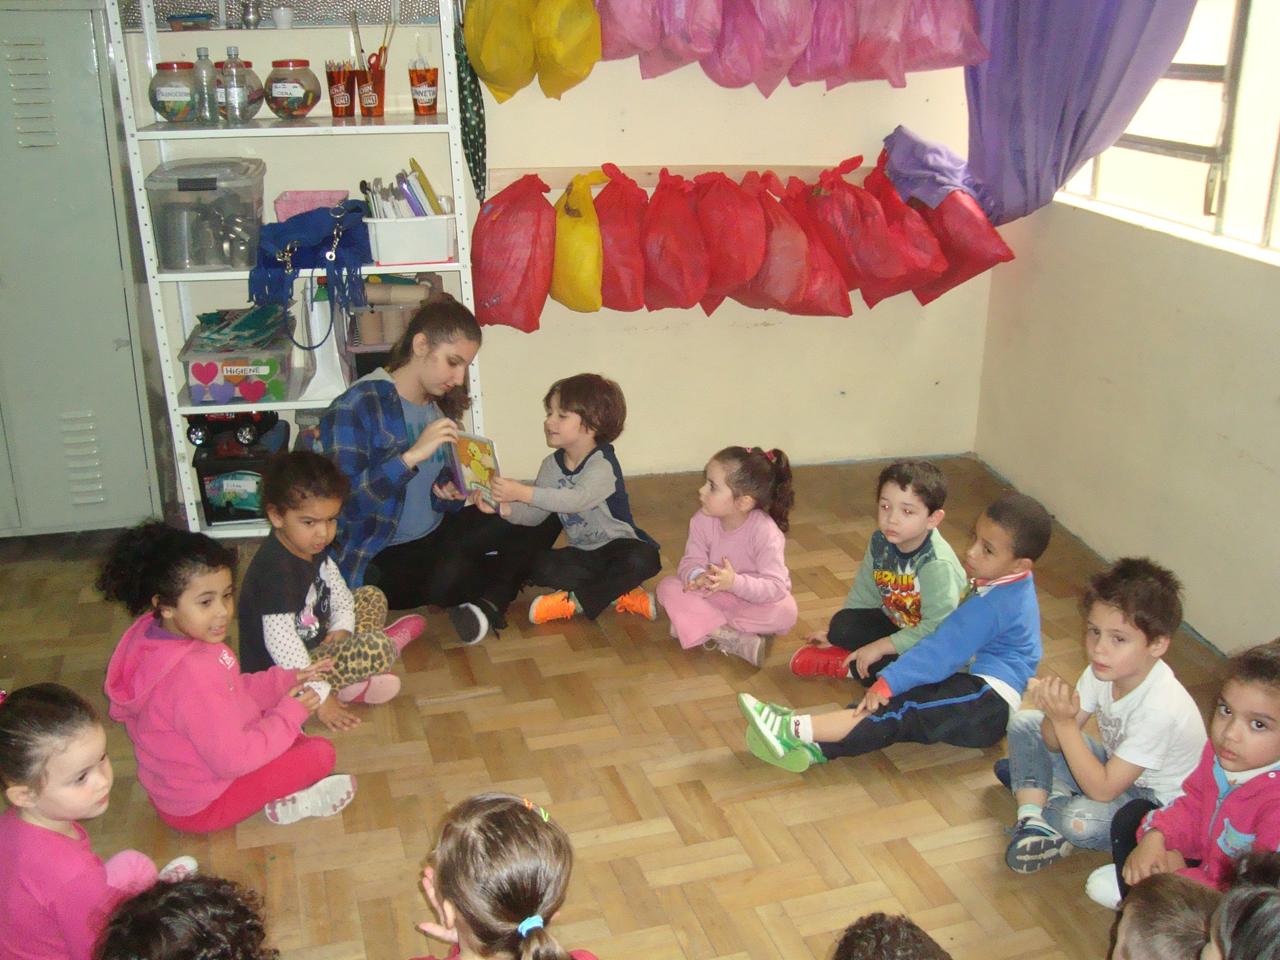 Canais_Voluntariado_2015-09-10_EncantoDaFelicidade